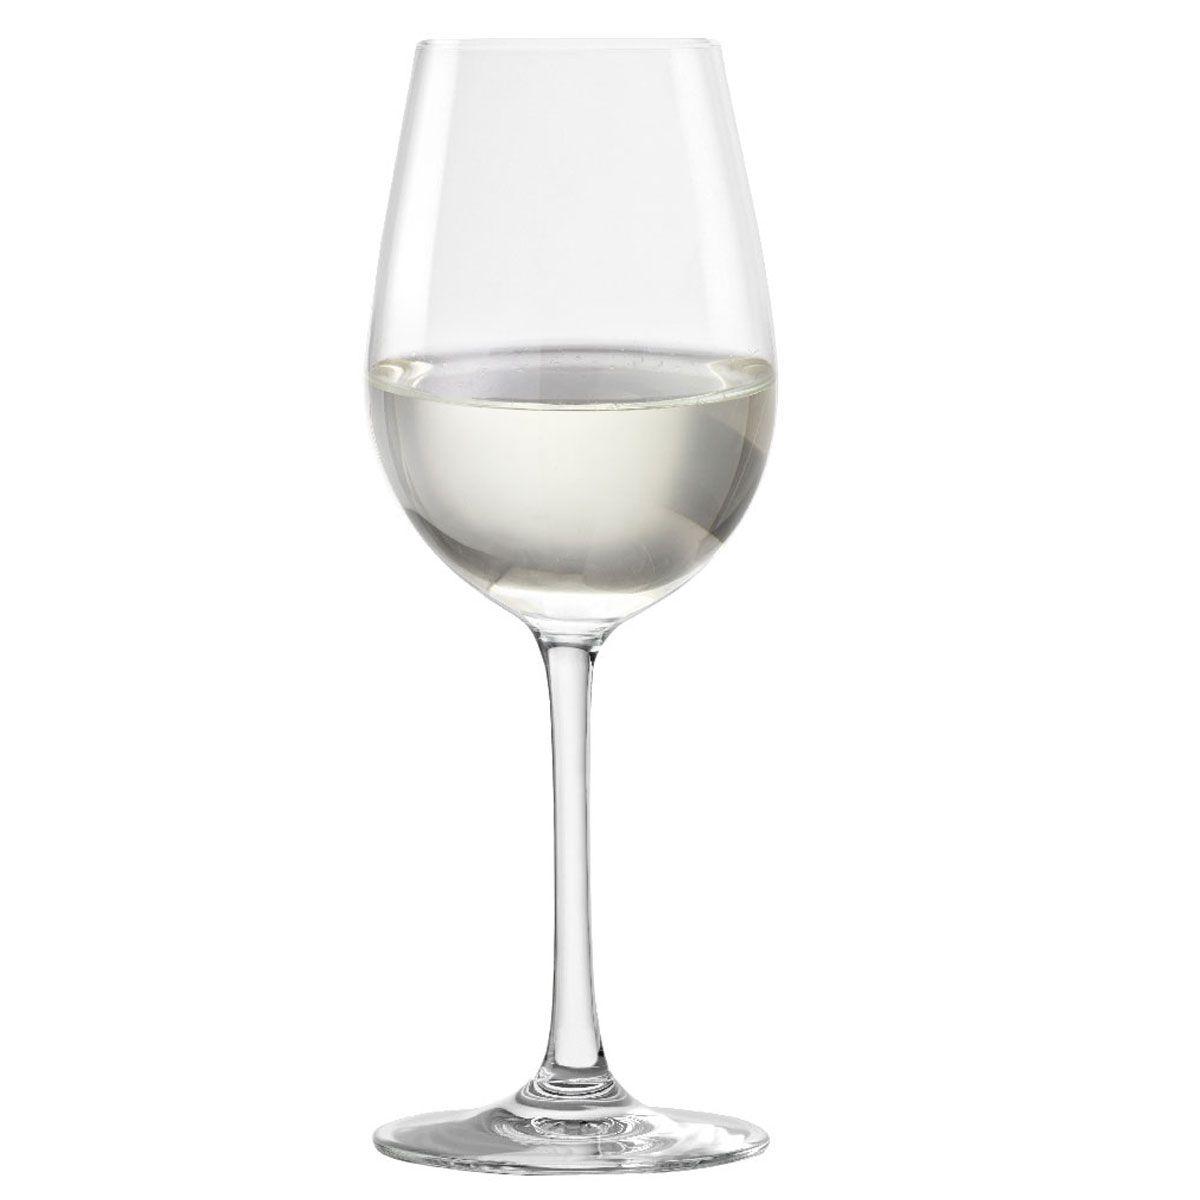 Taça Vinho Branco - Sensation 390ml C/ 6 Unid